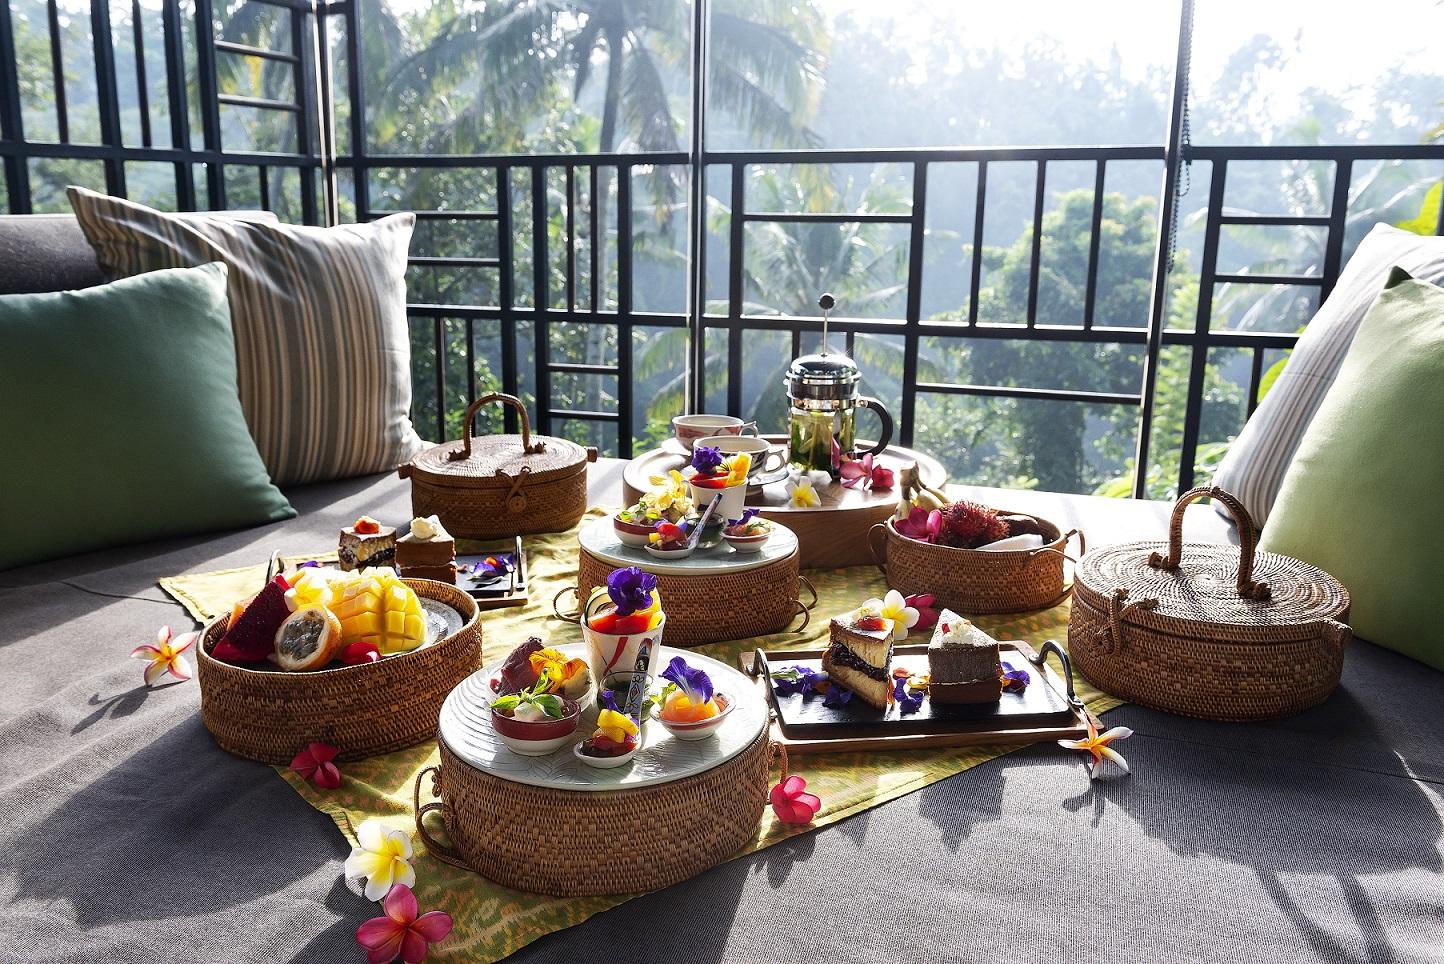 バリ女子旅に!『星のやバリ』の「空中ガゼボ朝食」がおすすめ♡ ジャングルを見下ろしながら、絶品朝食を味わおう!!_2